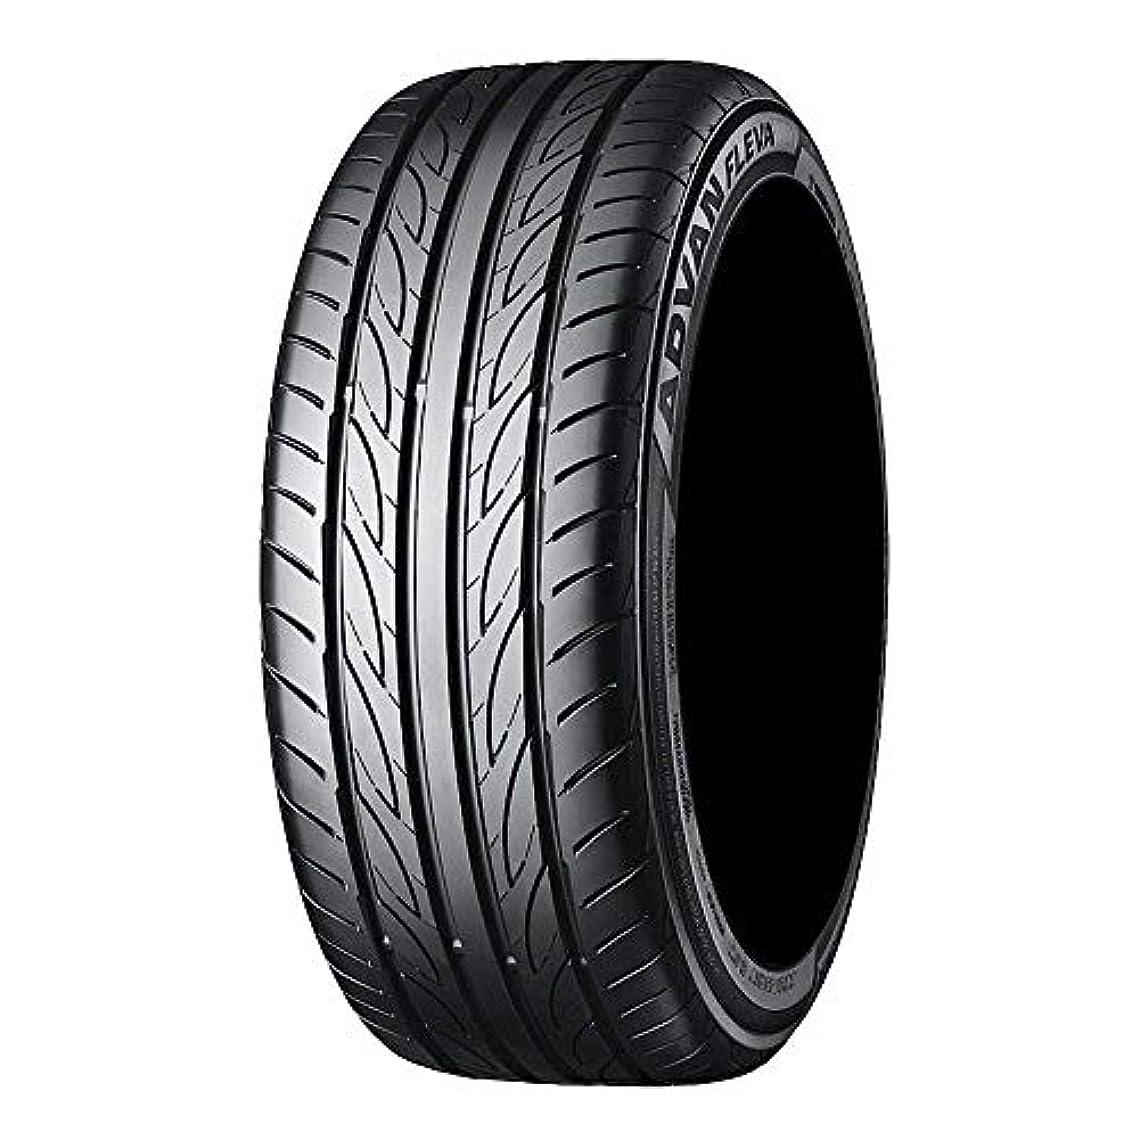 均等に逆に新しさサマータイヤ 205/50R15 86V ヨコハマ アドバン フレバ V701 ADVAN FLEVA V701